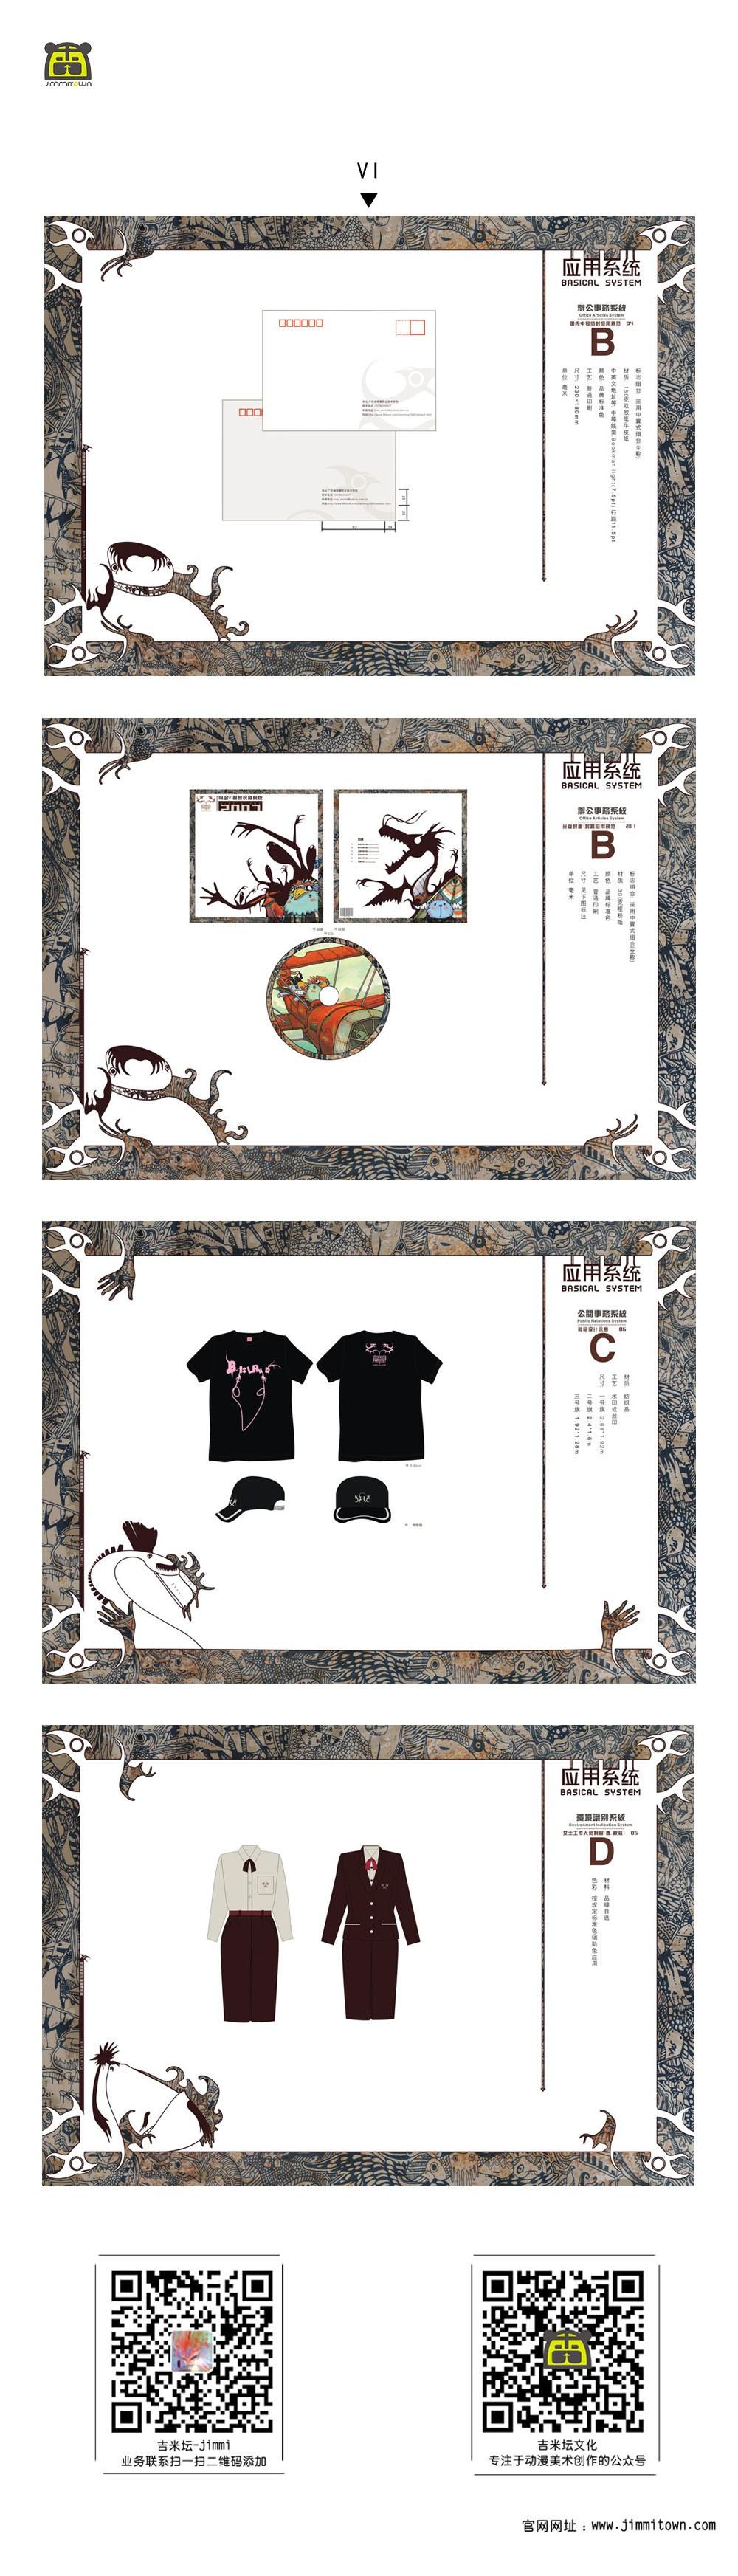 自主研发品牌《鸟岛》VI设计